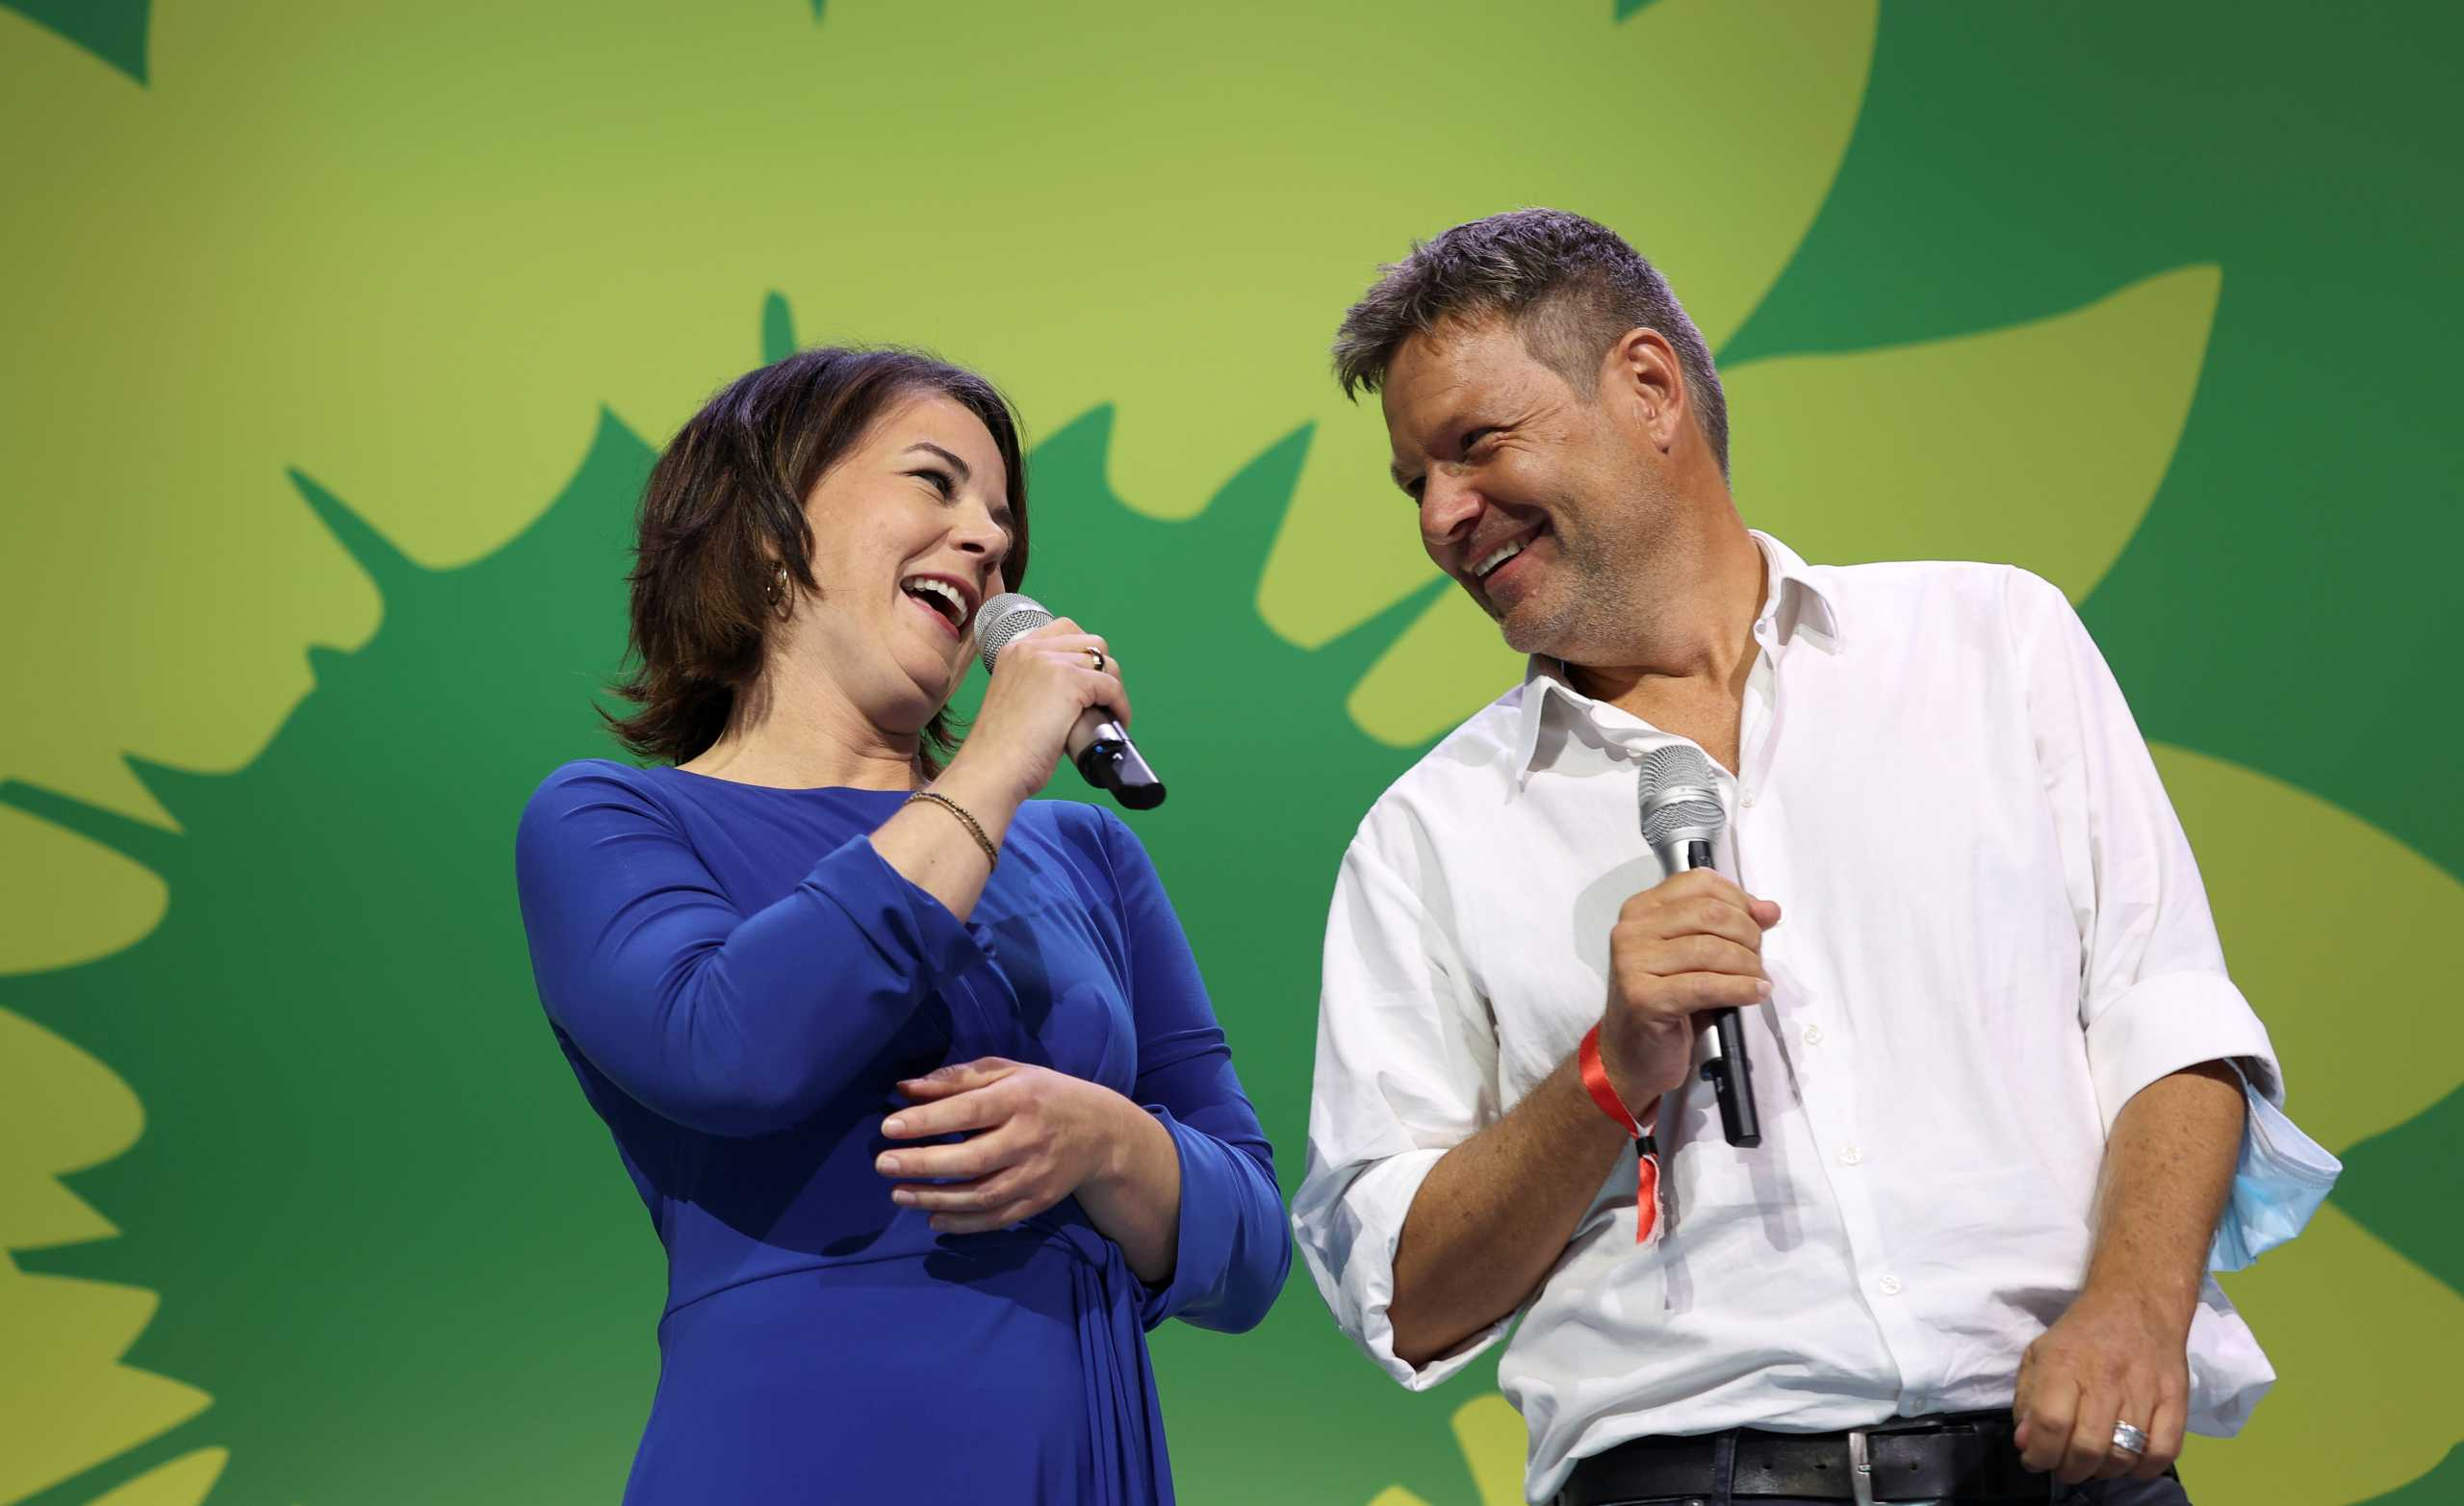 Εκλογές στην Γερμανία: Πανηγυρίζουν οι Πράσινοι για το μεγάλο ποσοστό